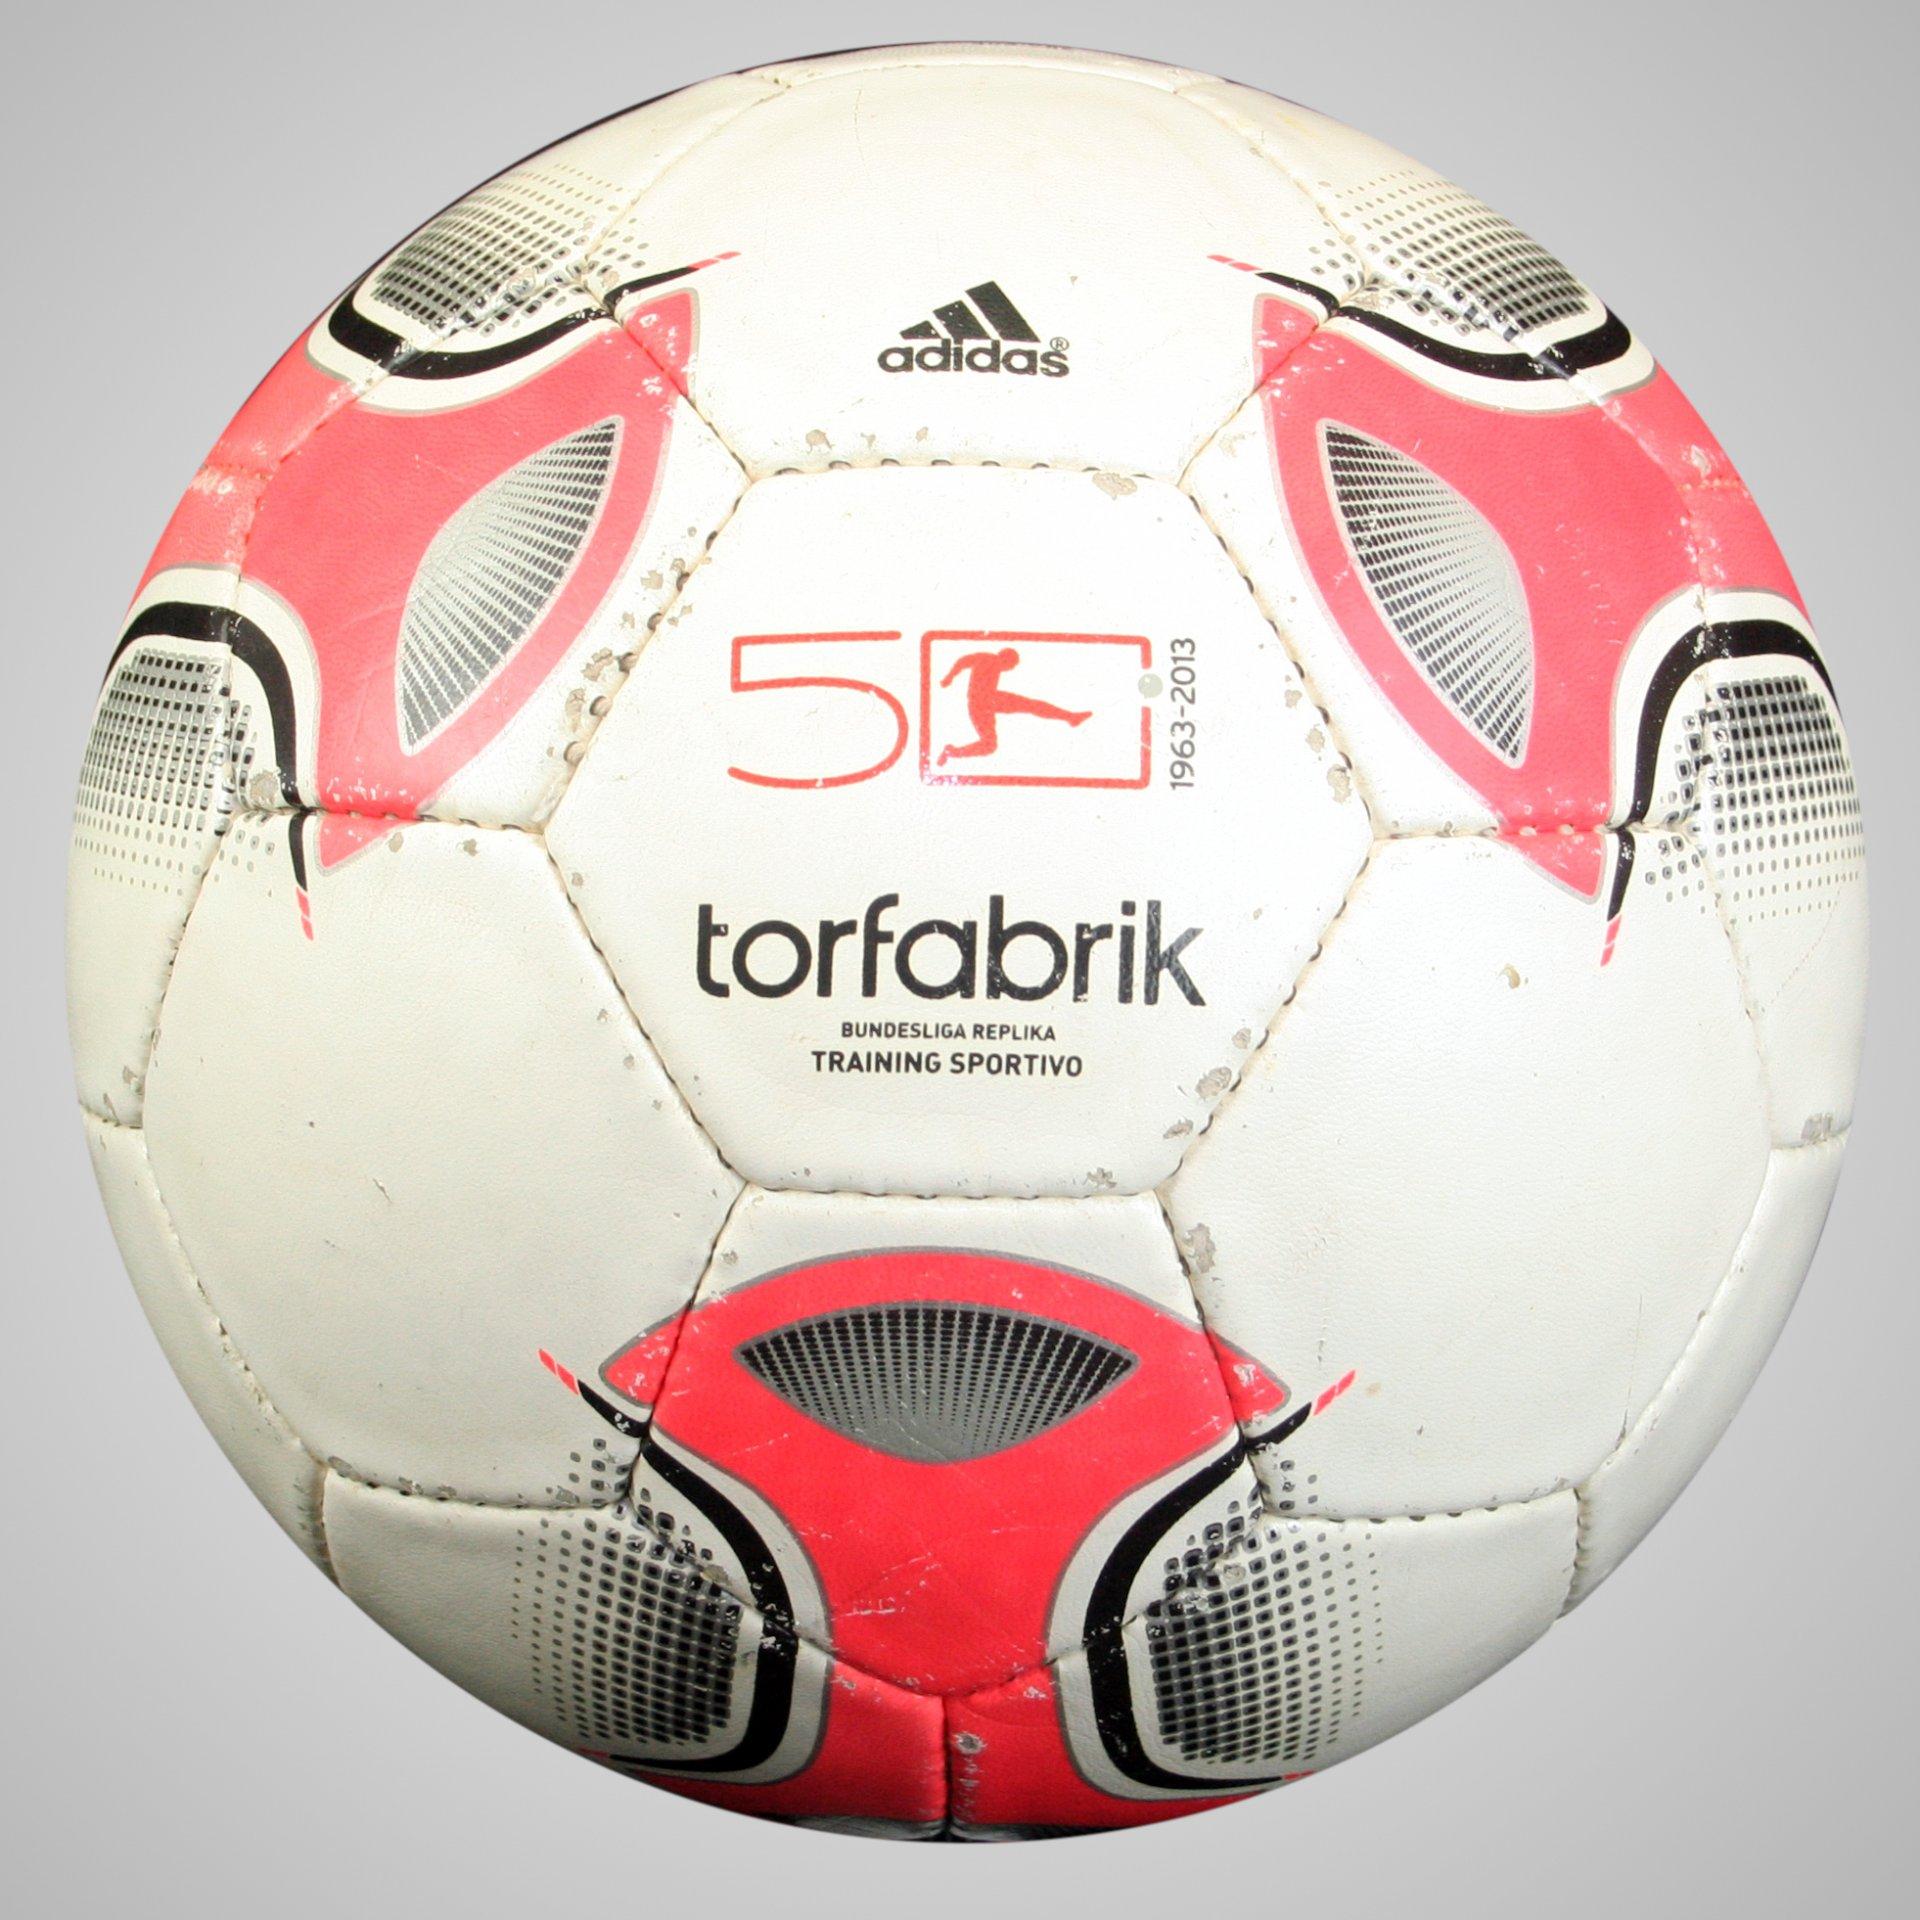 Adidas Torfabrik 2012 Training Sportivo